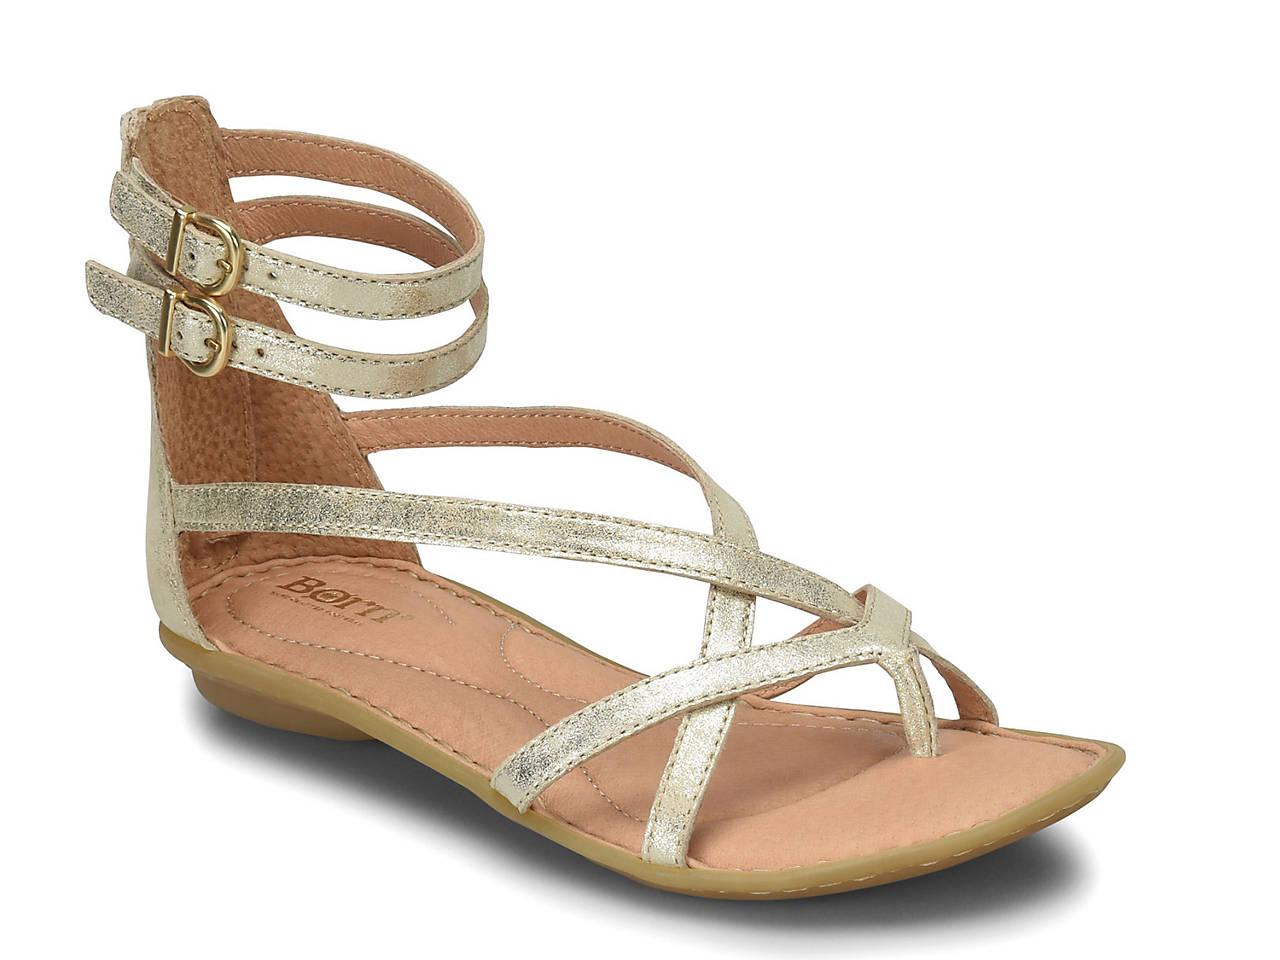 e9be148448c9 Born Mai Sandal Women s Shoes